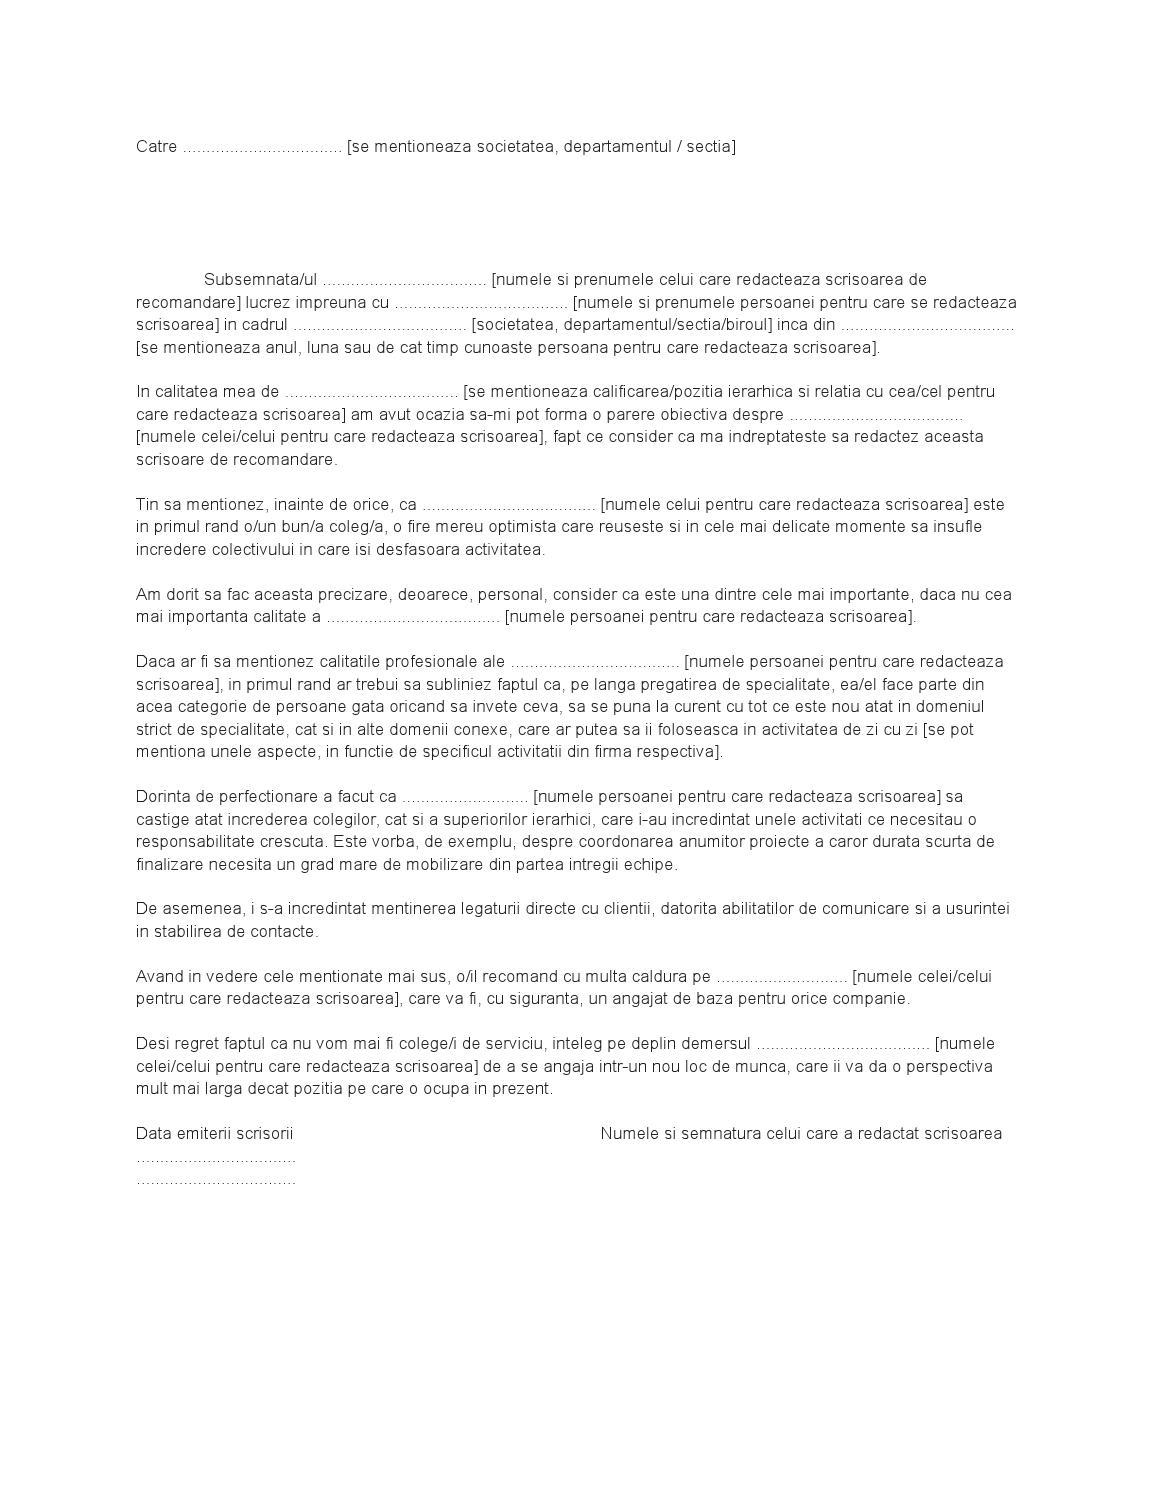 scrisori pentru vedere 1)